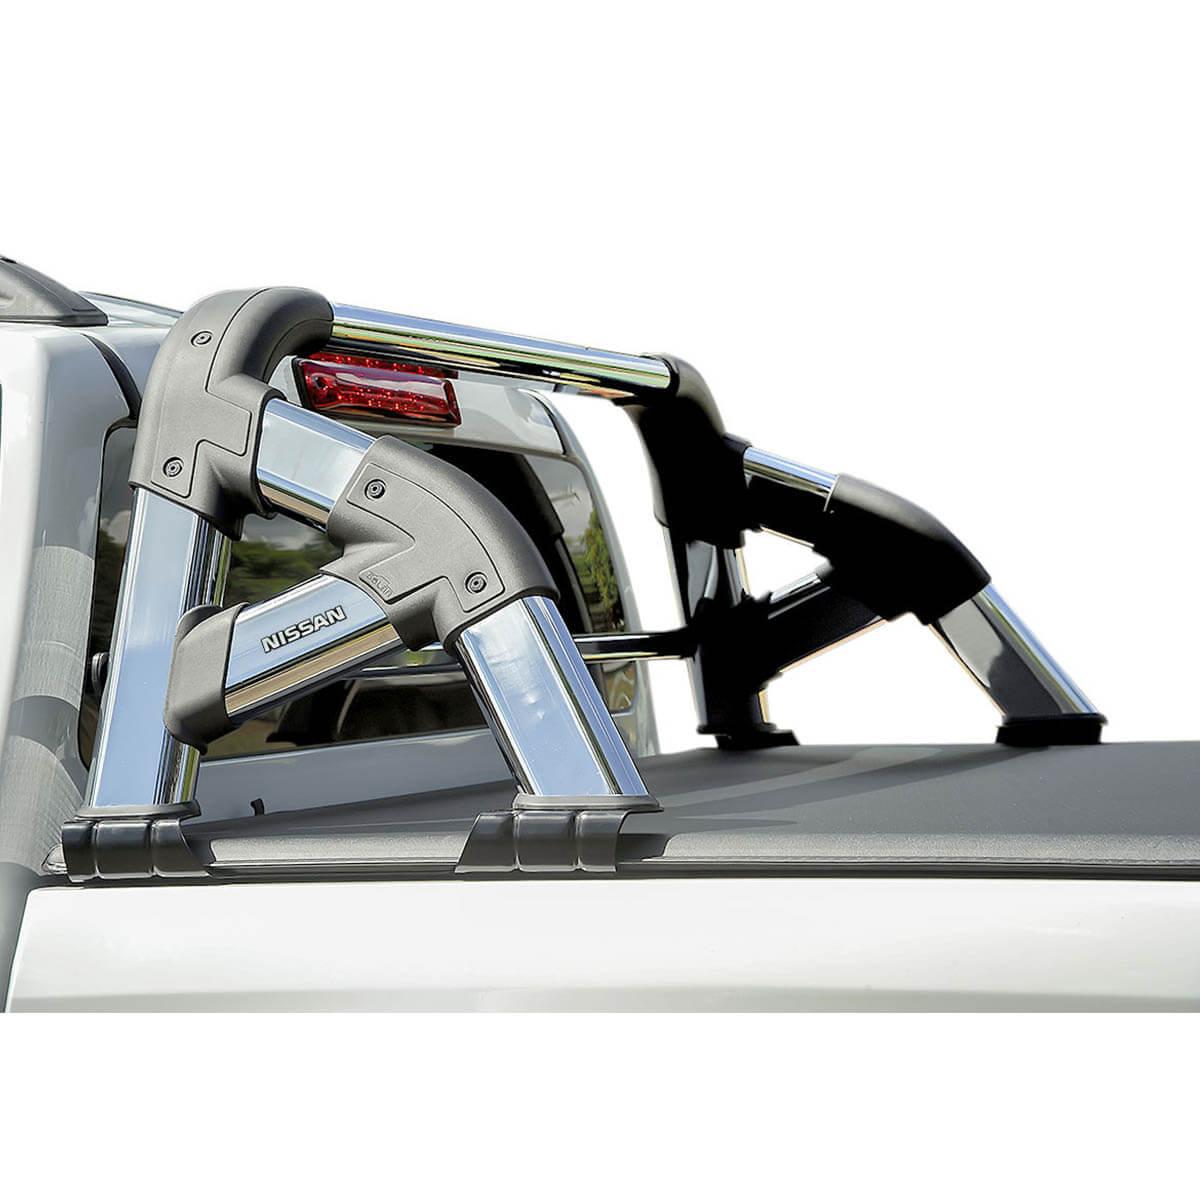 Santo antônio cromado Solar Exclusive Nova Frontier 2017 2018 2019 2020 com barra de vidro